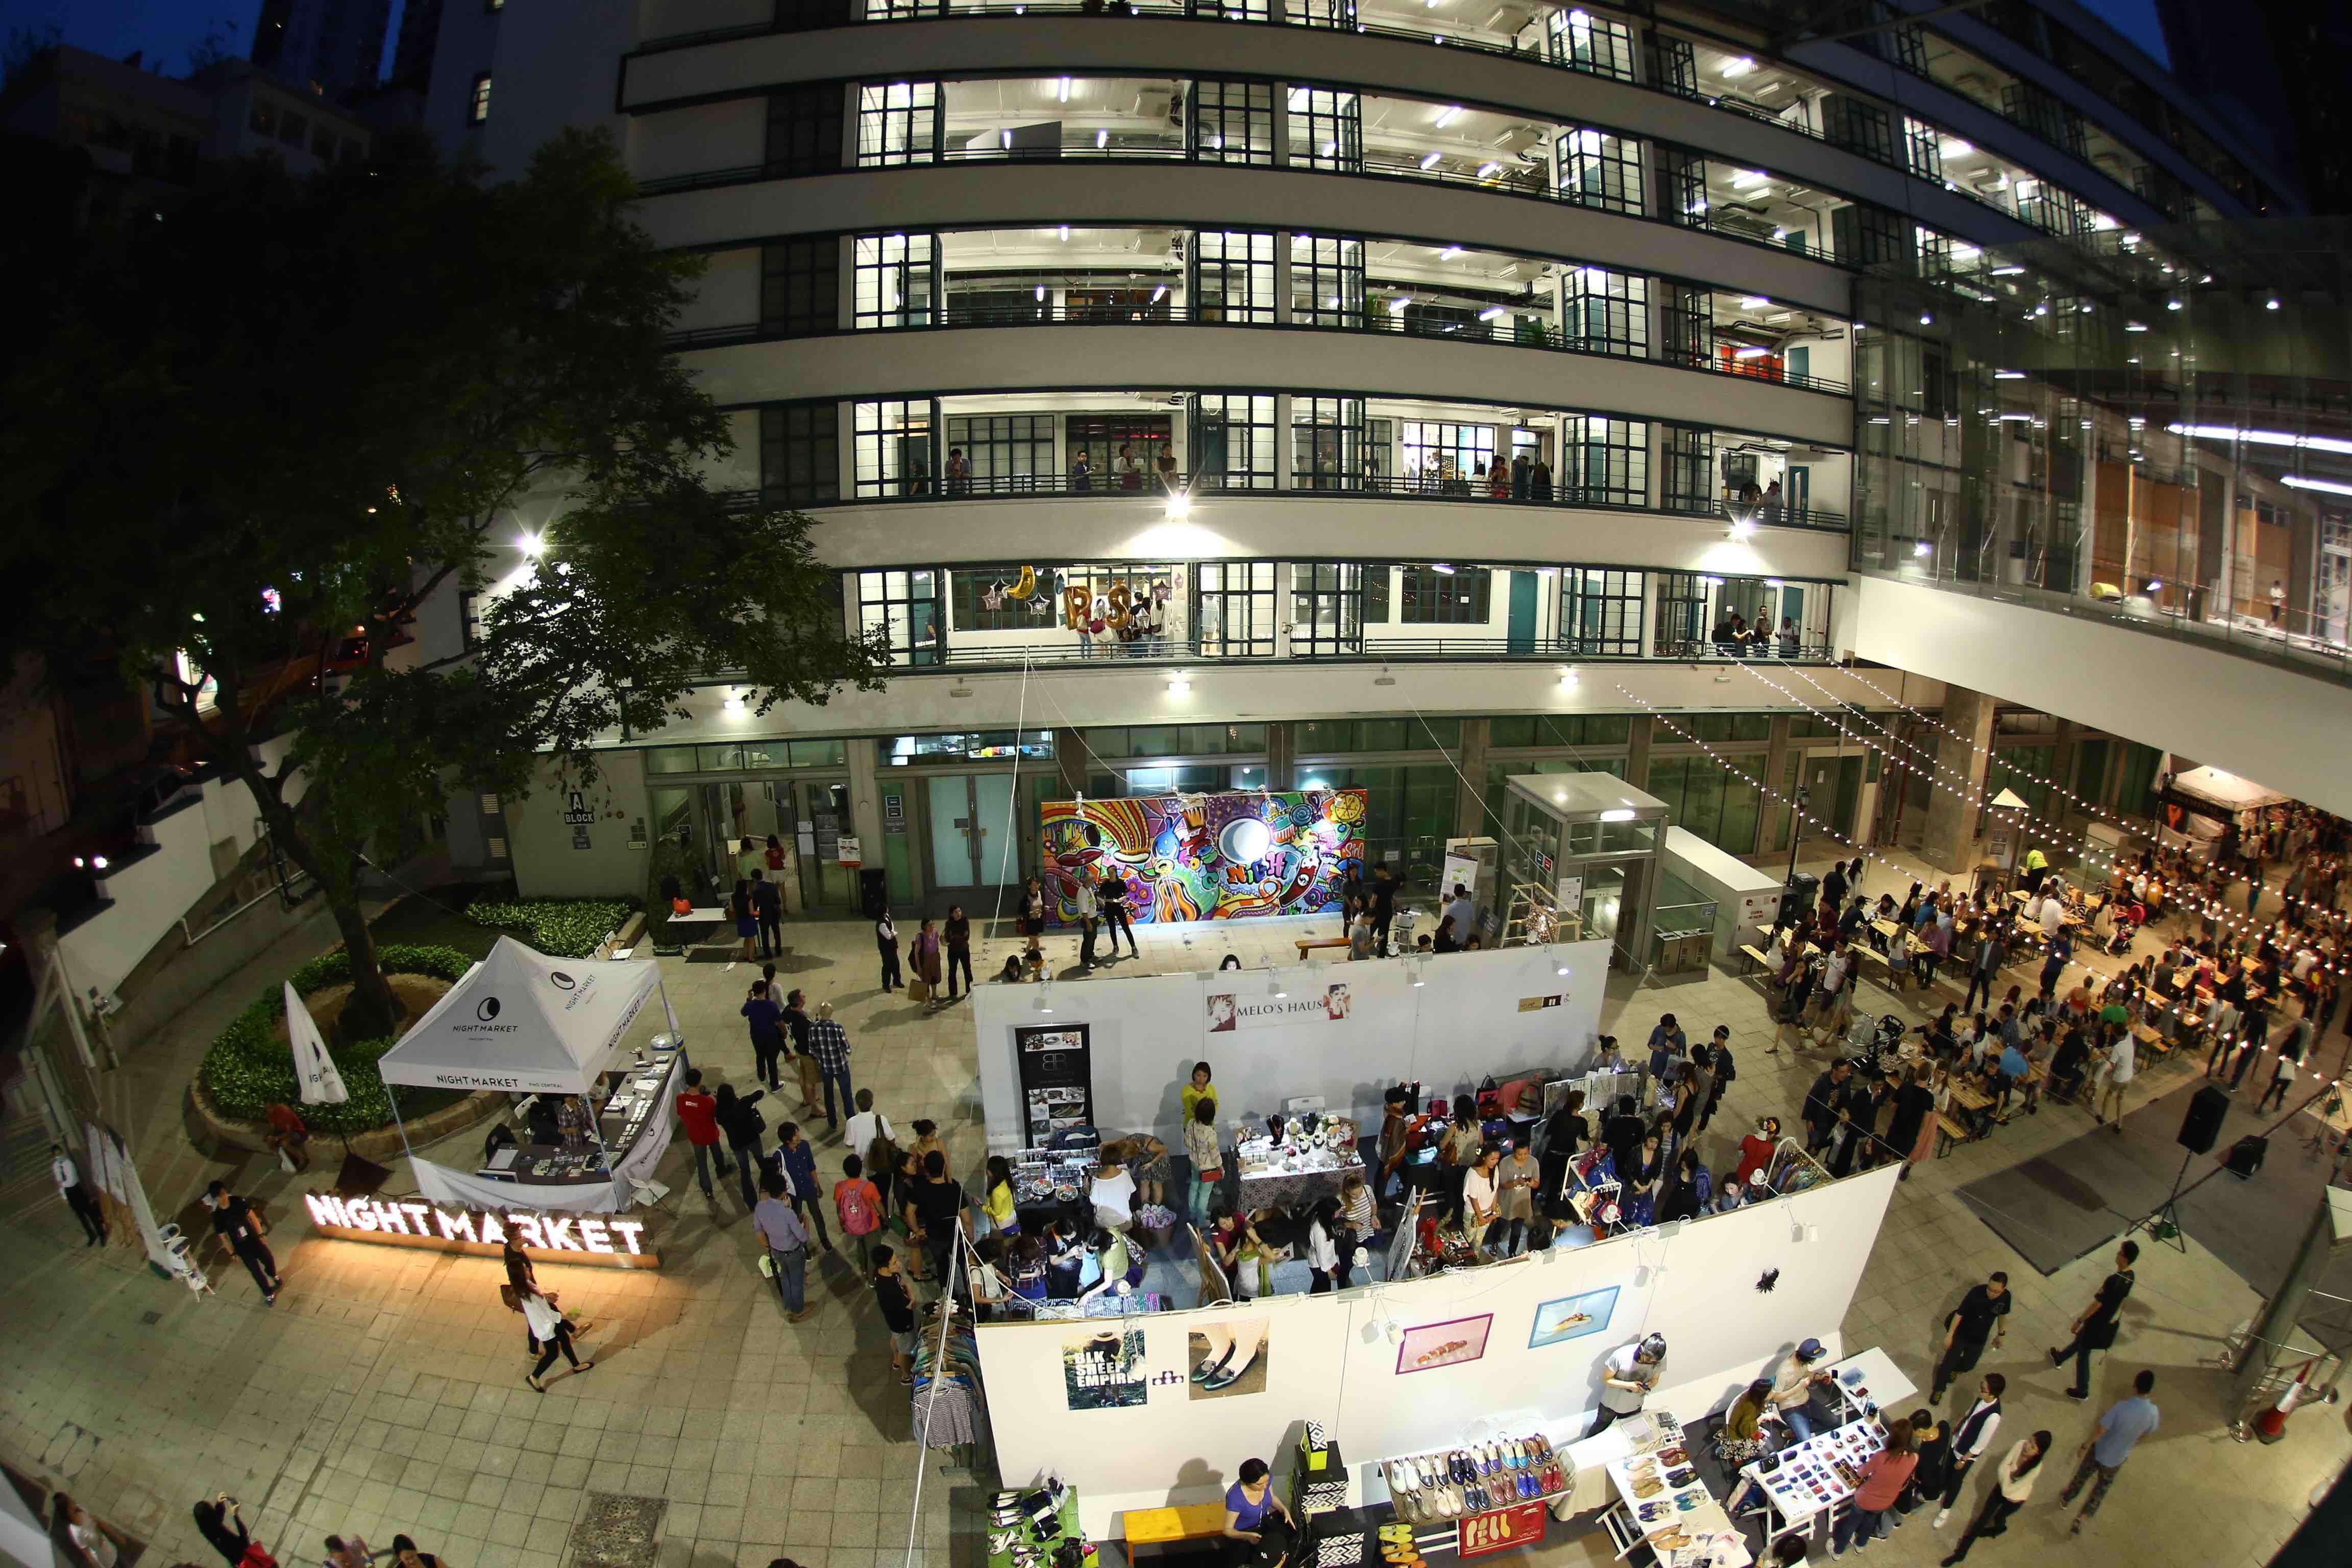 PMQ - Night Market